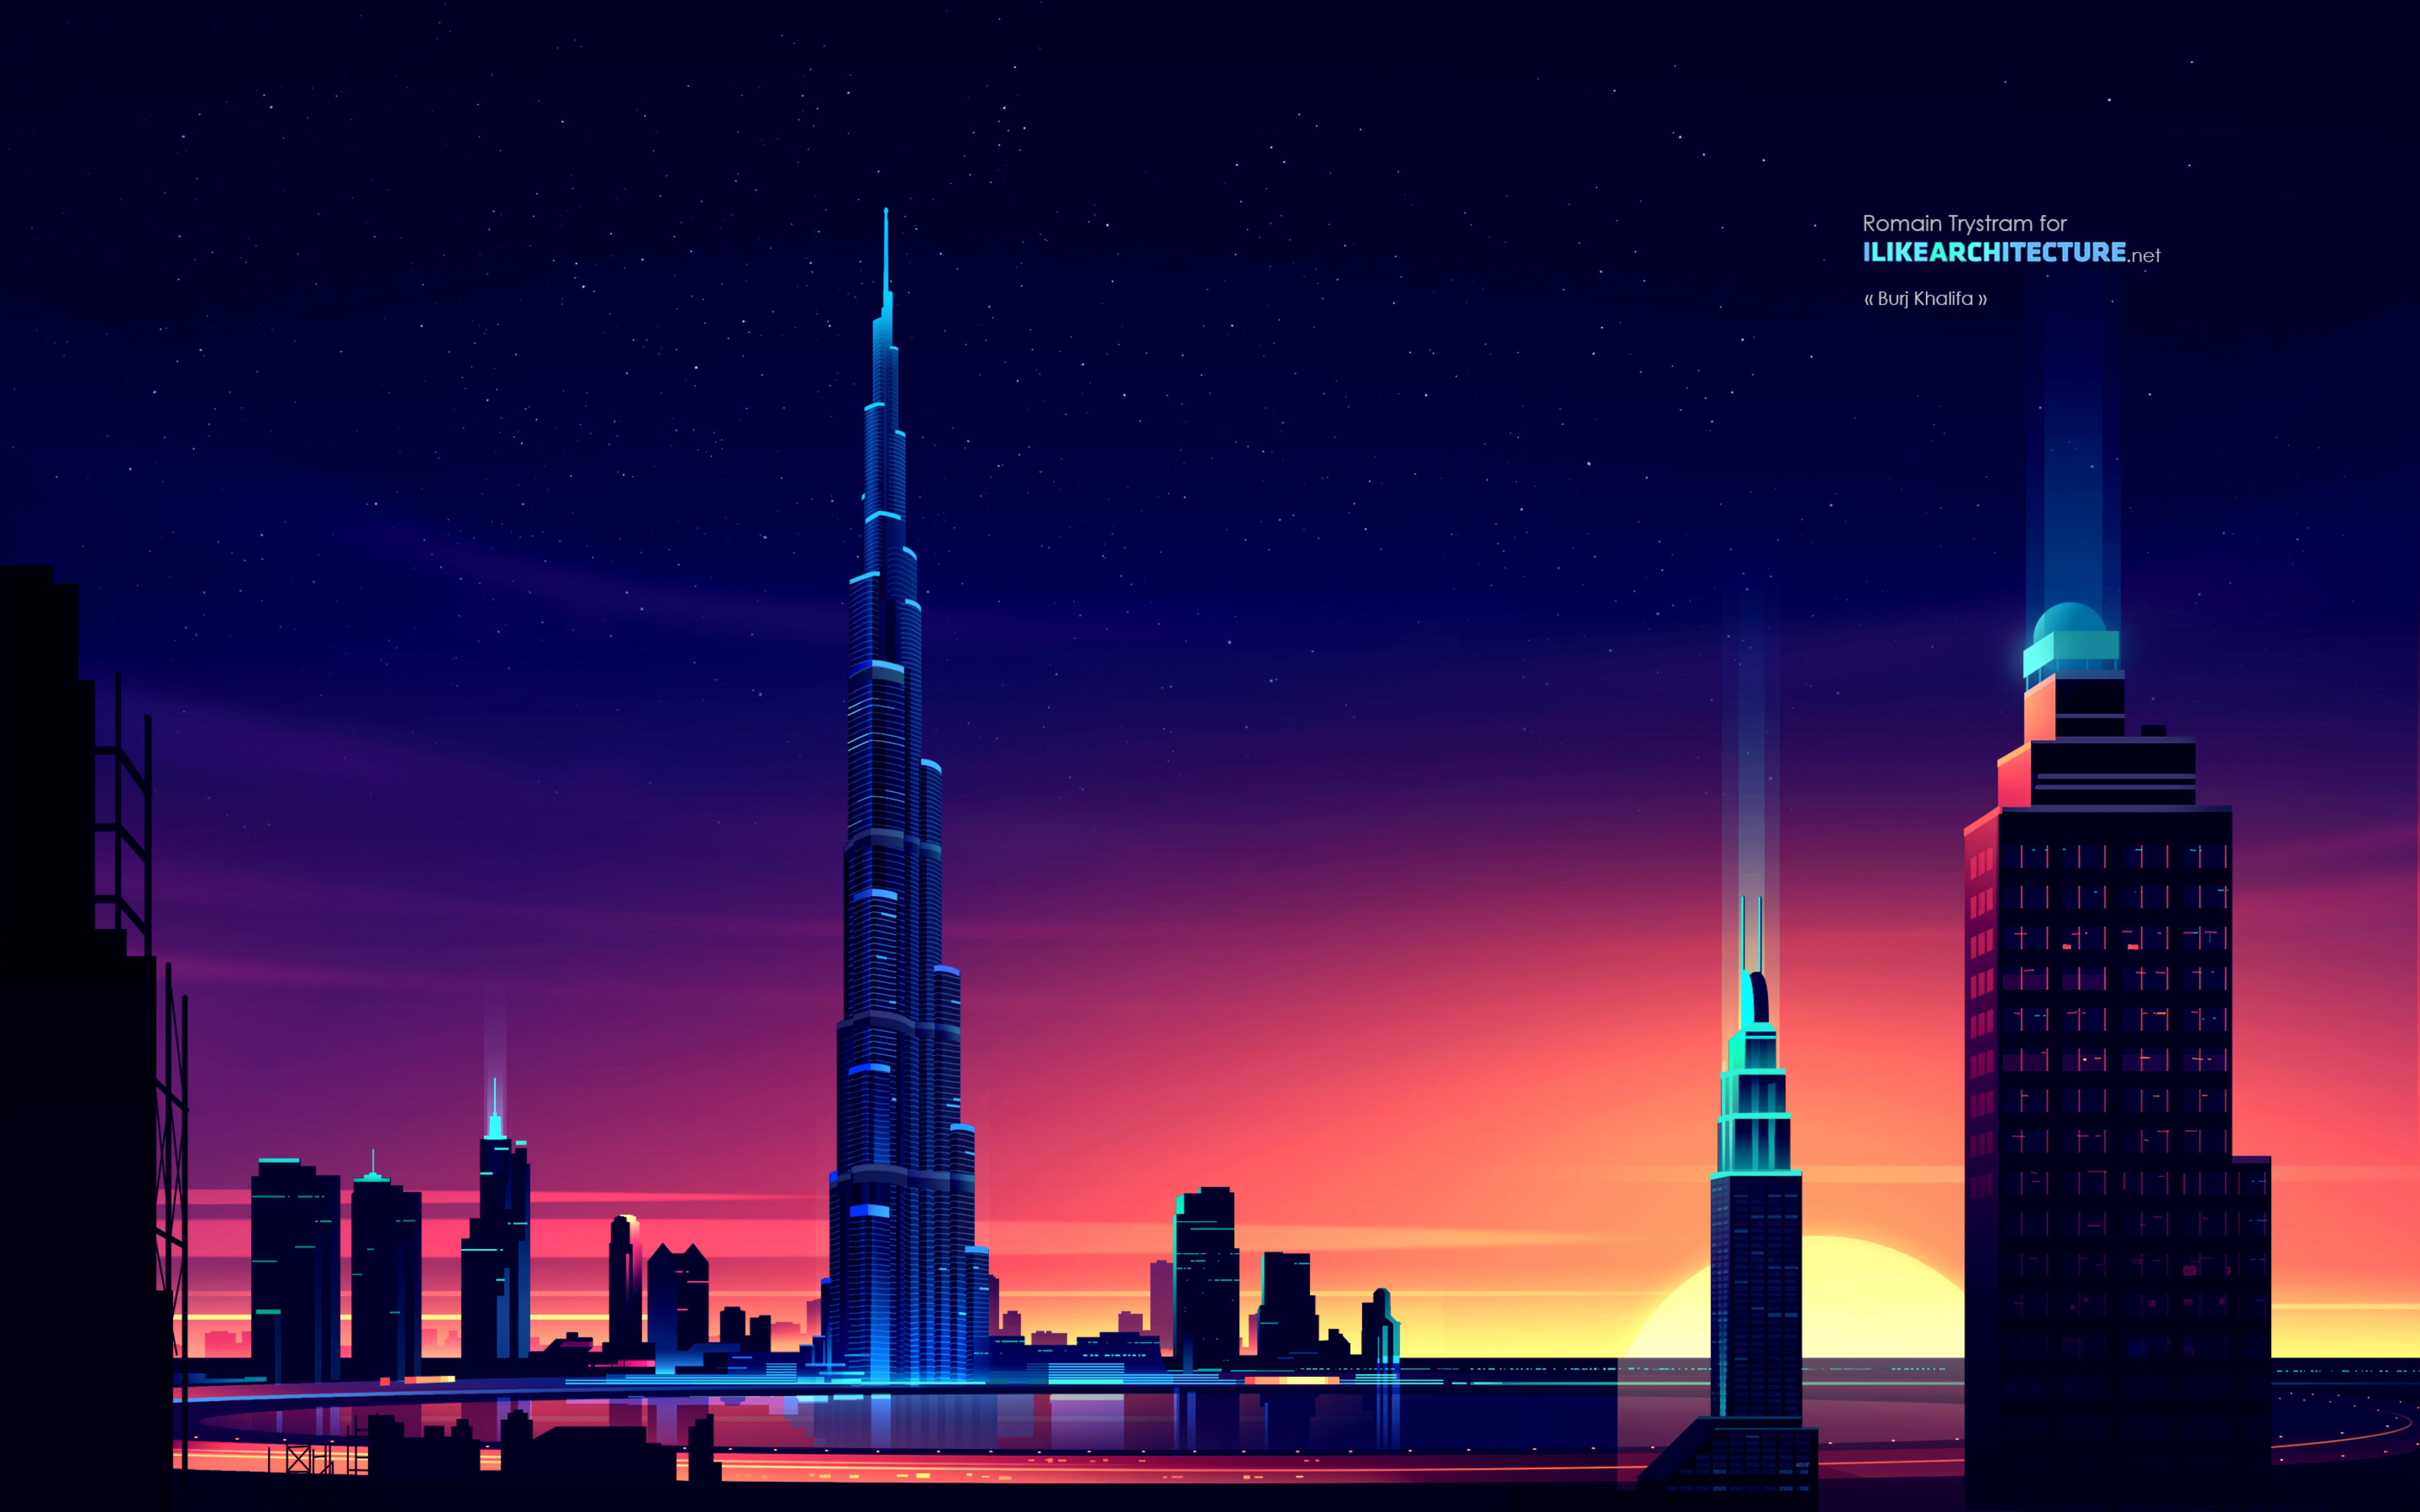 103934 скачать обои Архитектура, Вектор, Арт, Ночь, Город, Небоскреб, Здания - заставки и картинки бесплатно